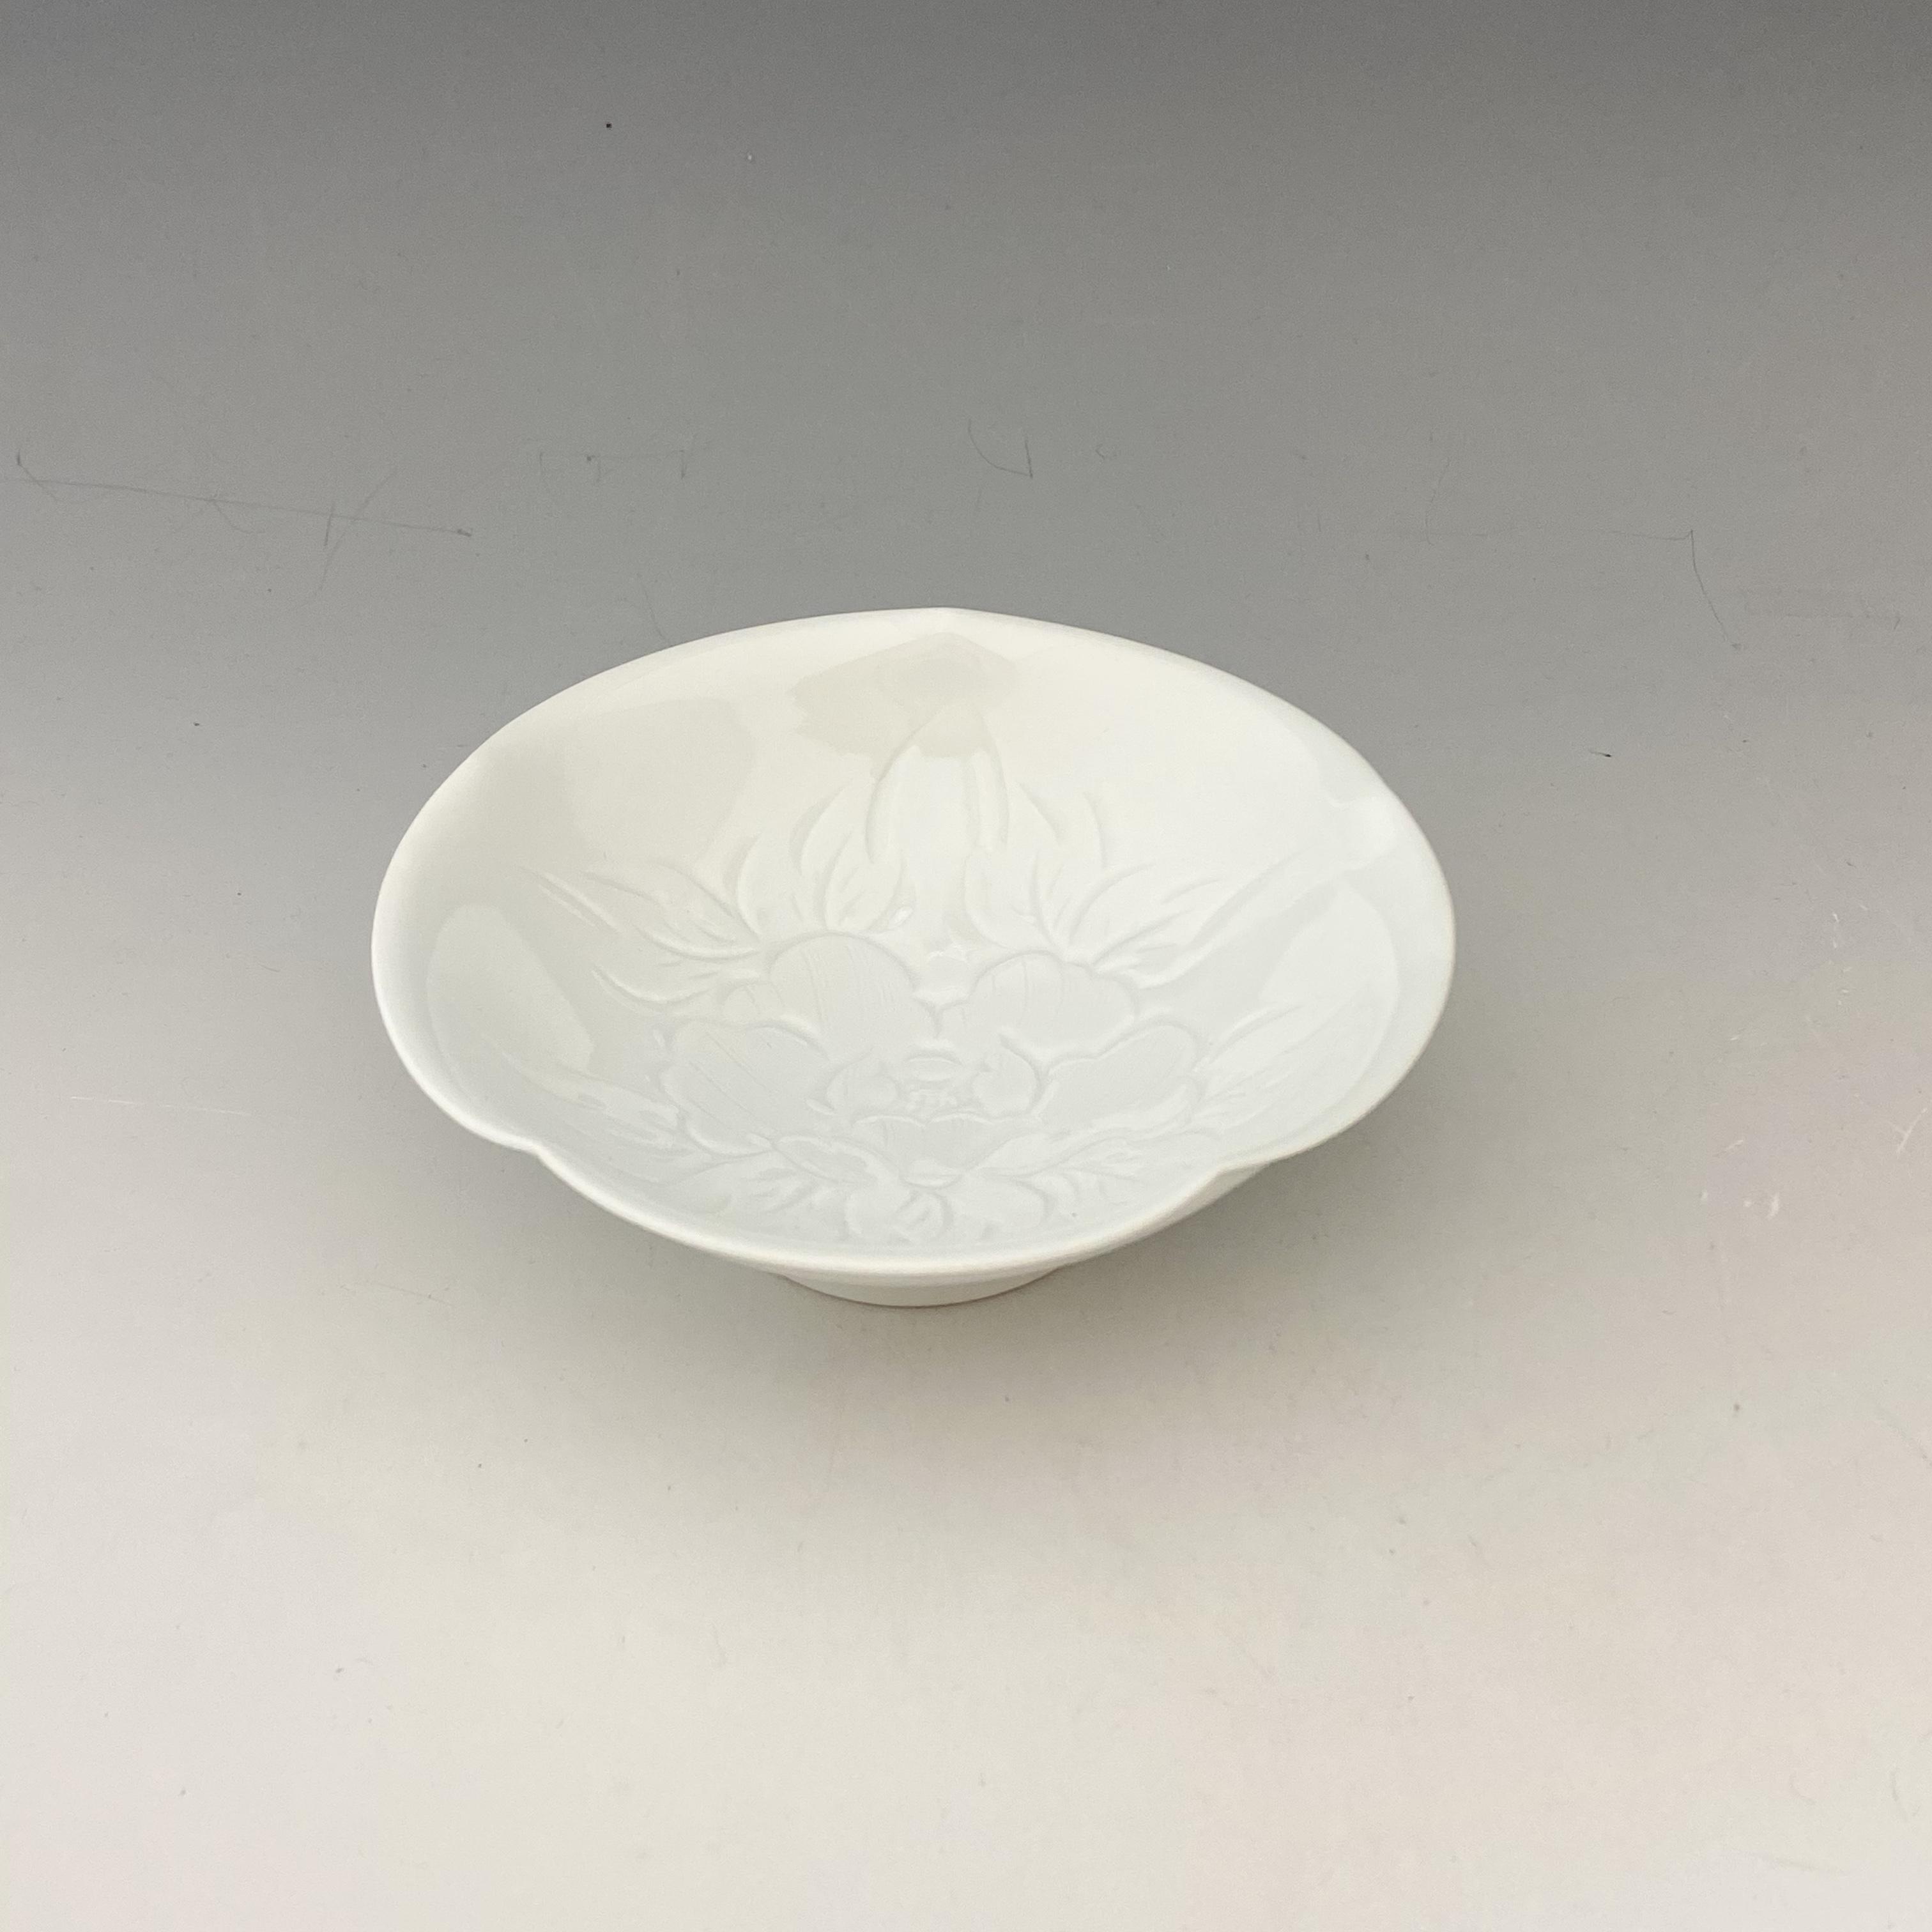 【中尾恭純】白磁牡丹彫小鉢